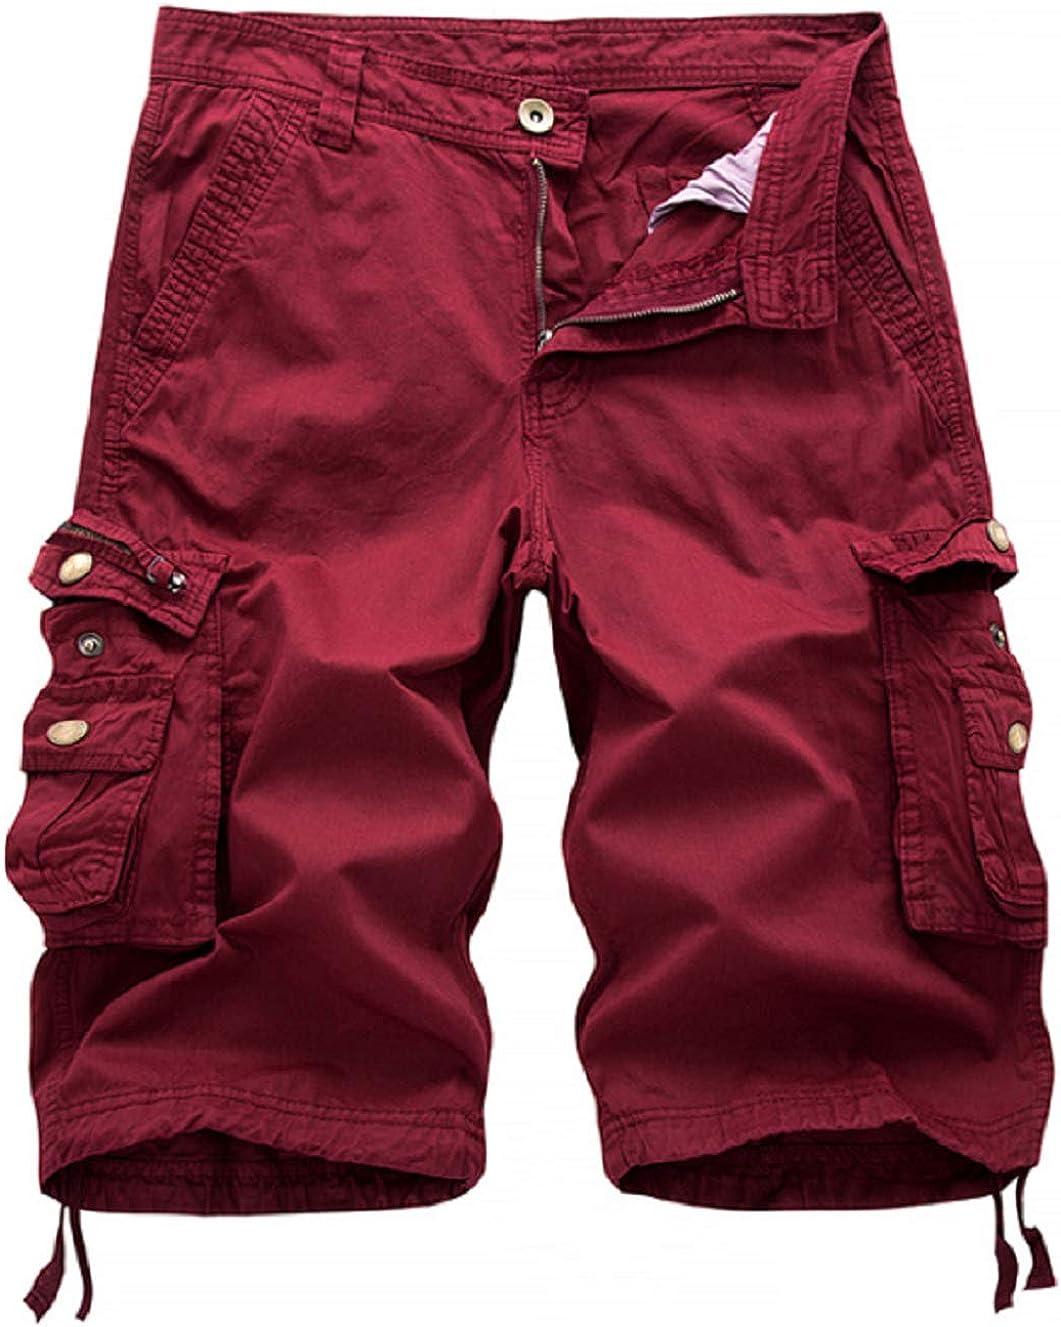 XueYin Men's Outdoor Cotton Relaxed Fit Muti-Pocket Cargo Shorts